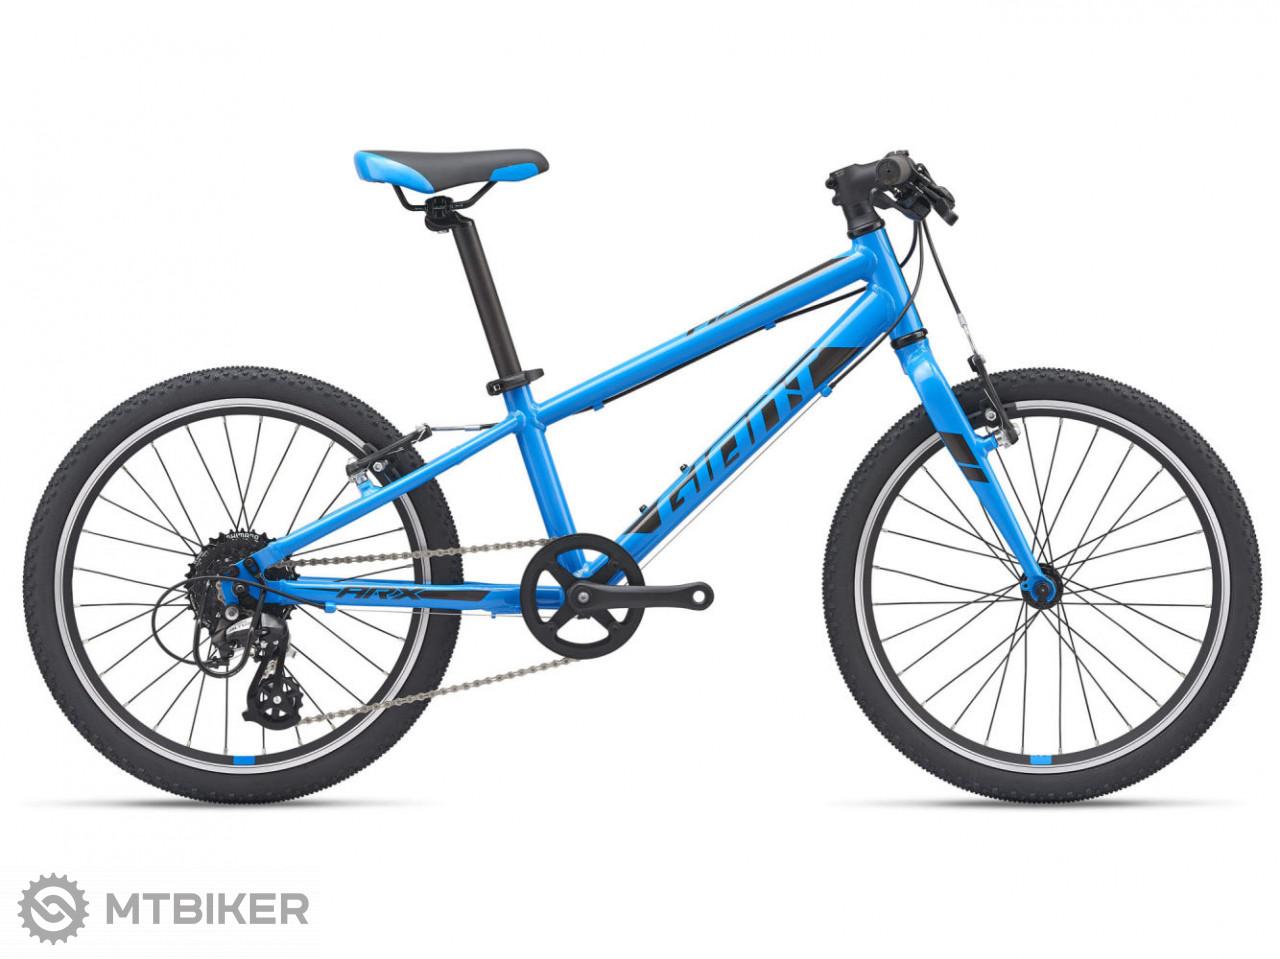 Giant ARX 20, model 2021